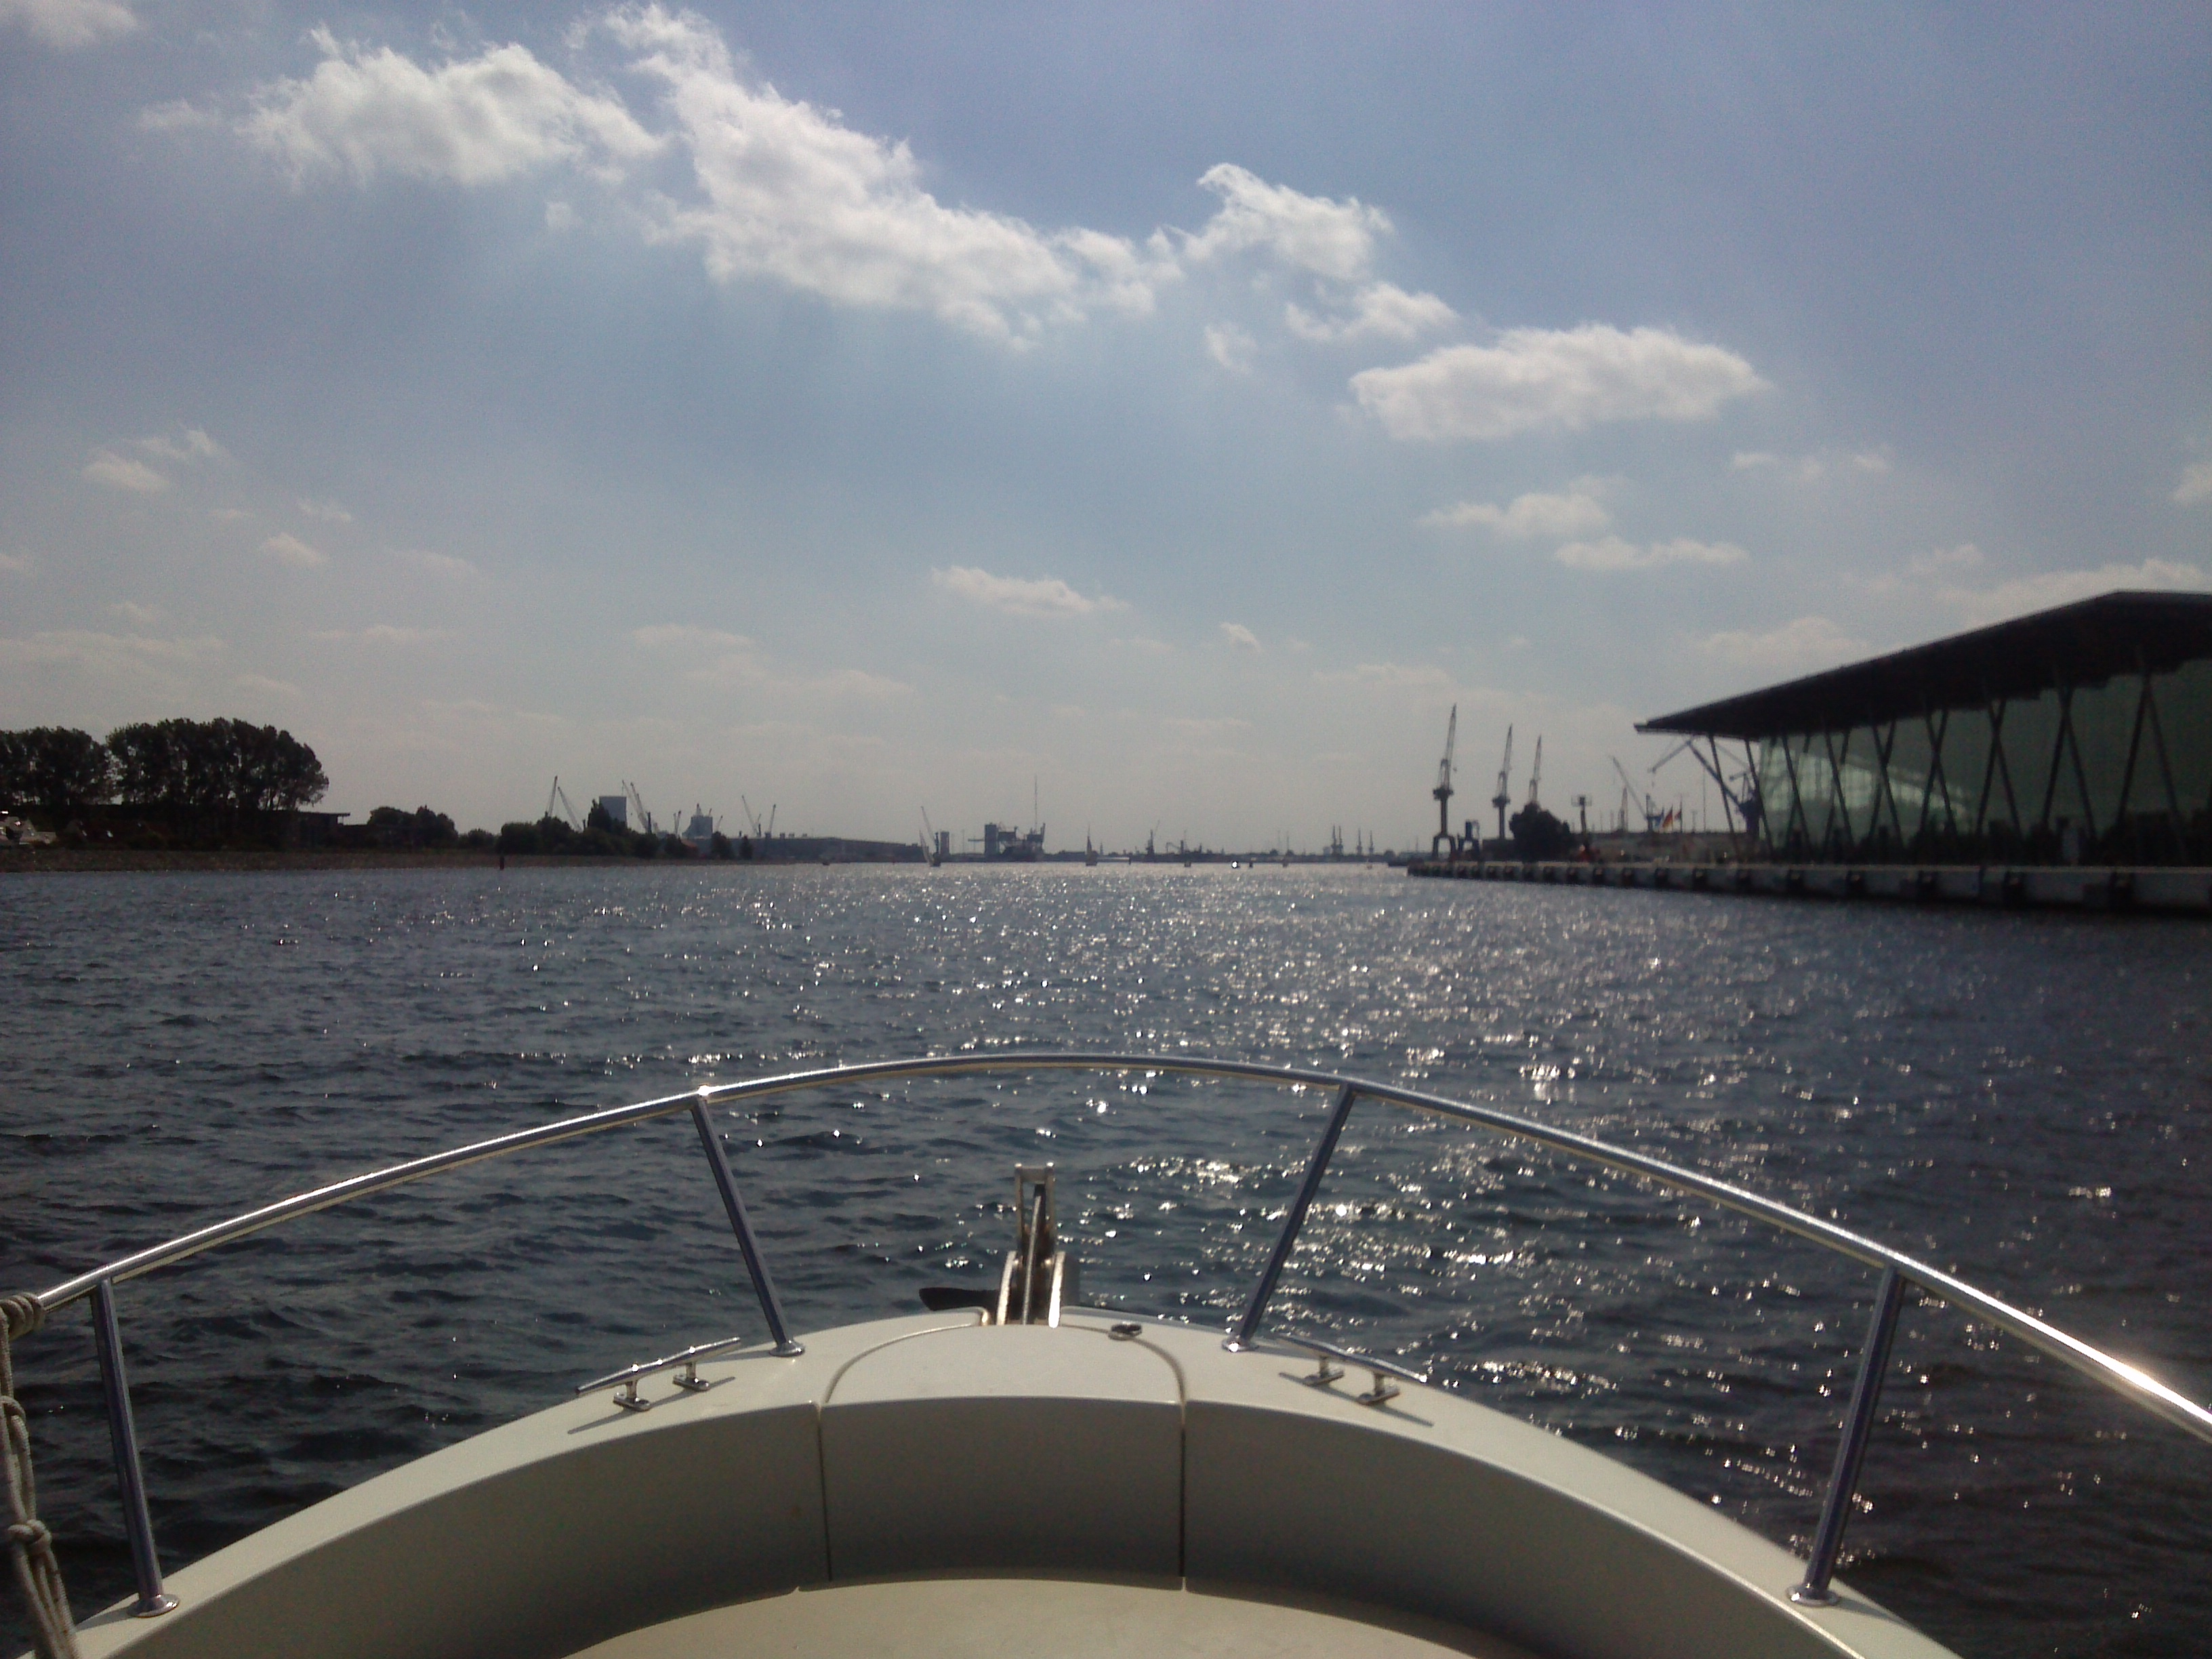 Fiskado - OWS 18.08.2018 013 - Ostseewassersport - Poseidon - angeltouren, ferienwohnungen, cutter-rides, bootsverleih, boat-charters, angelguiding